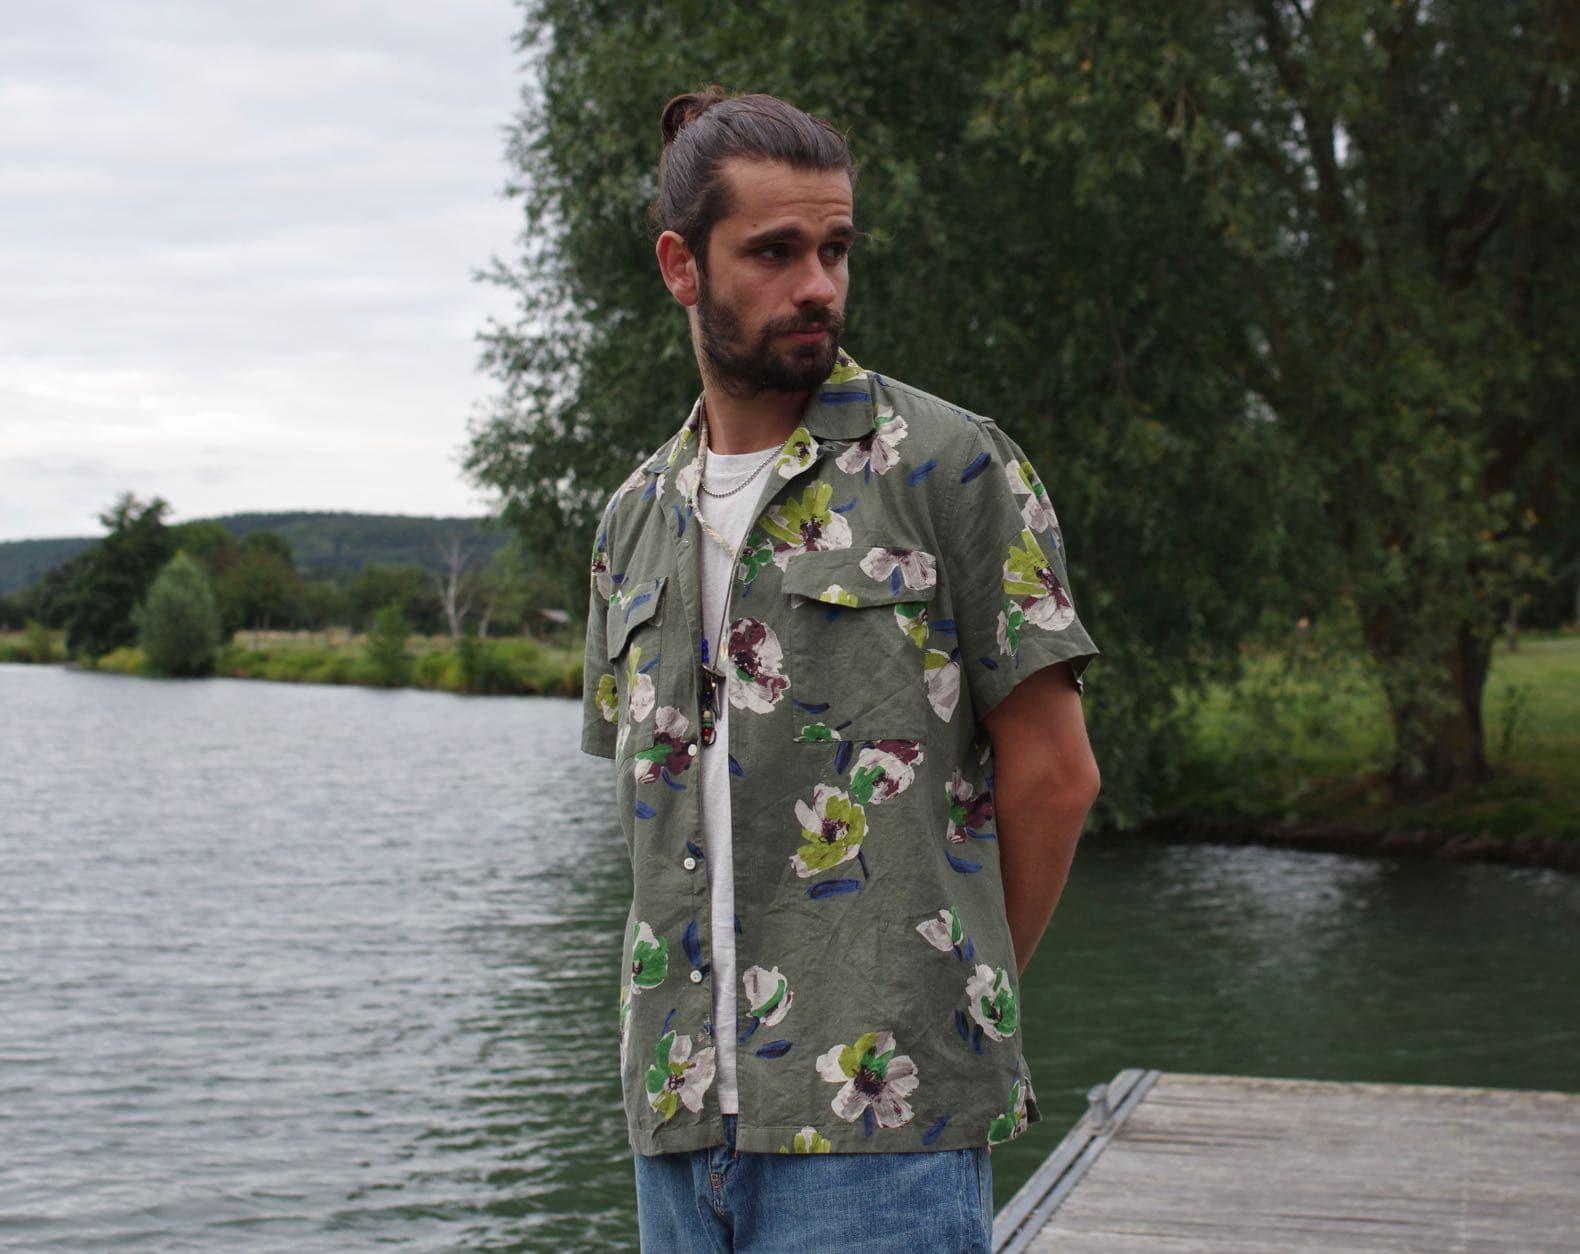 chemisette fleurs abcl marque italienne